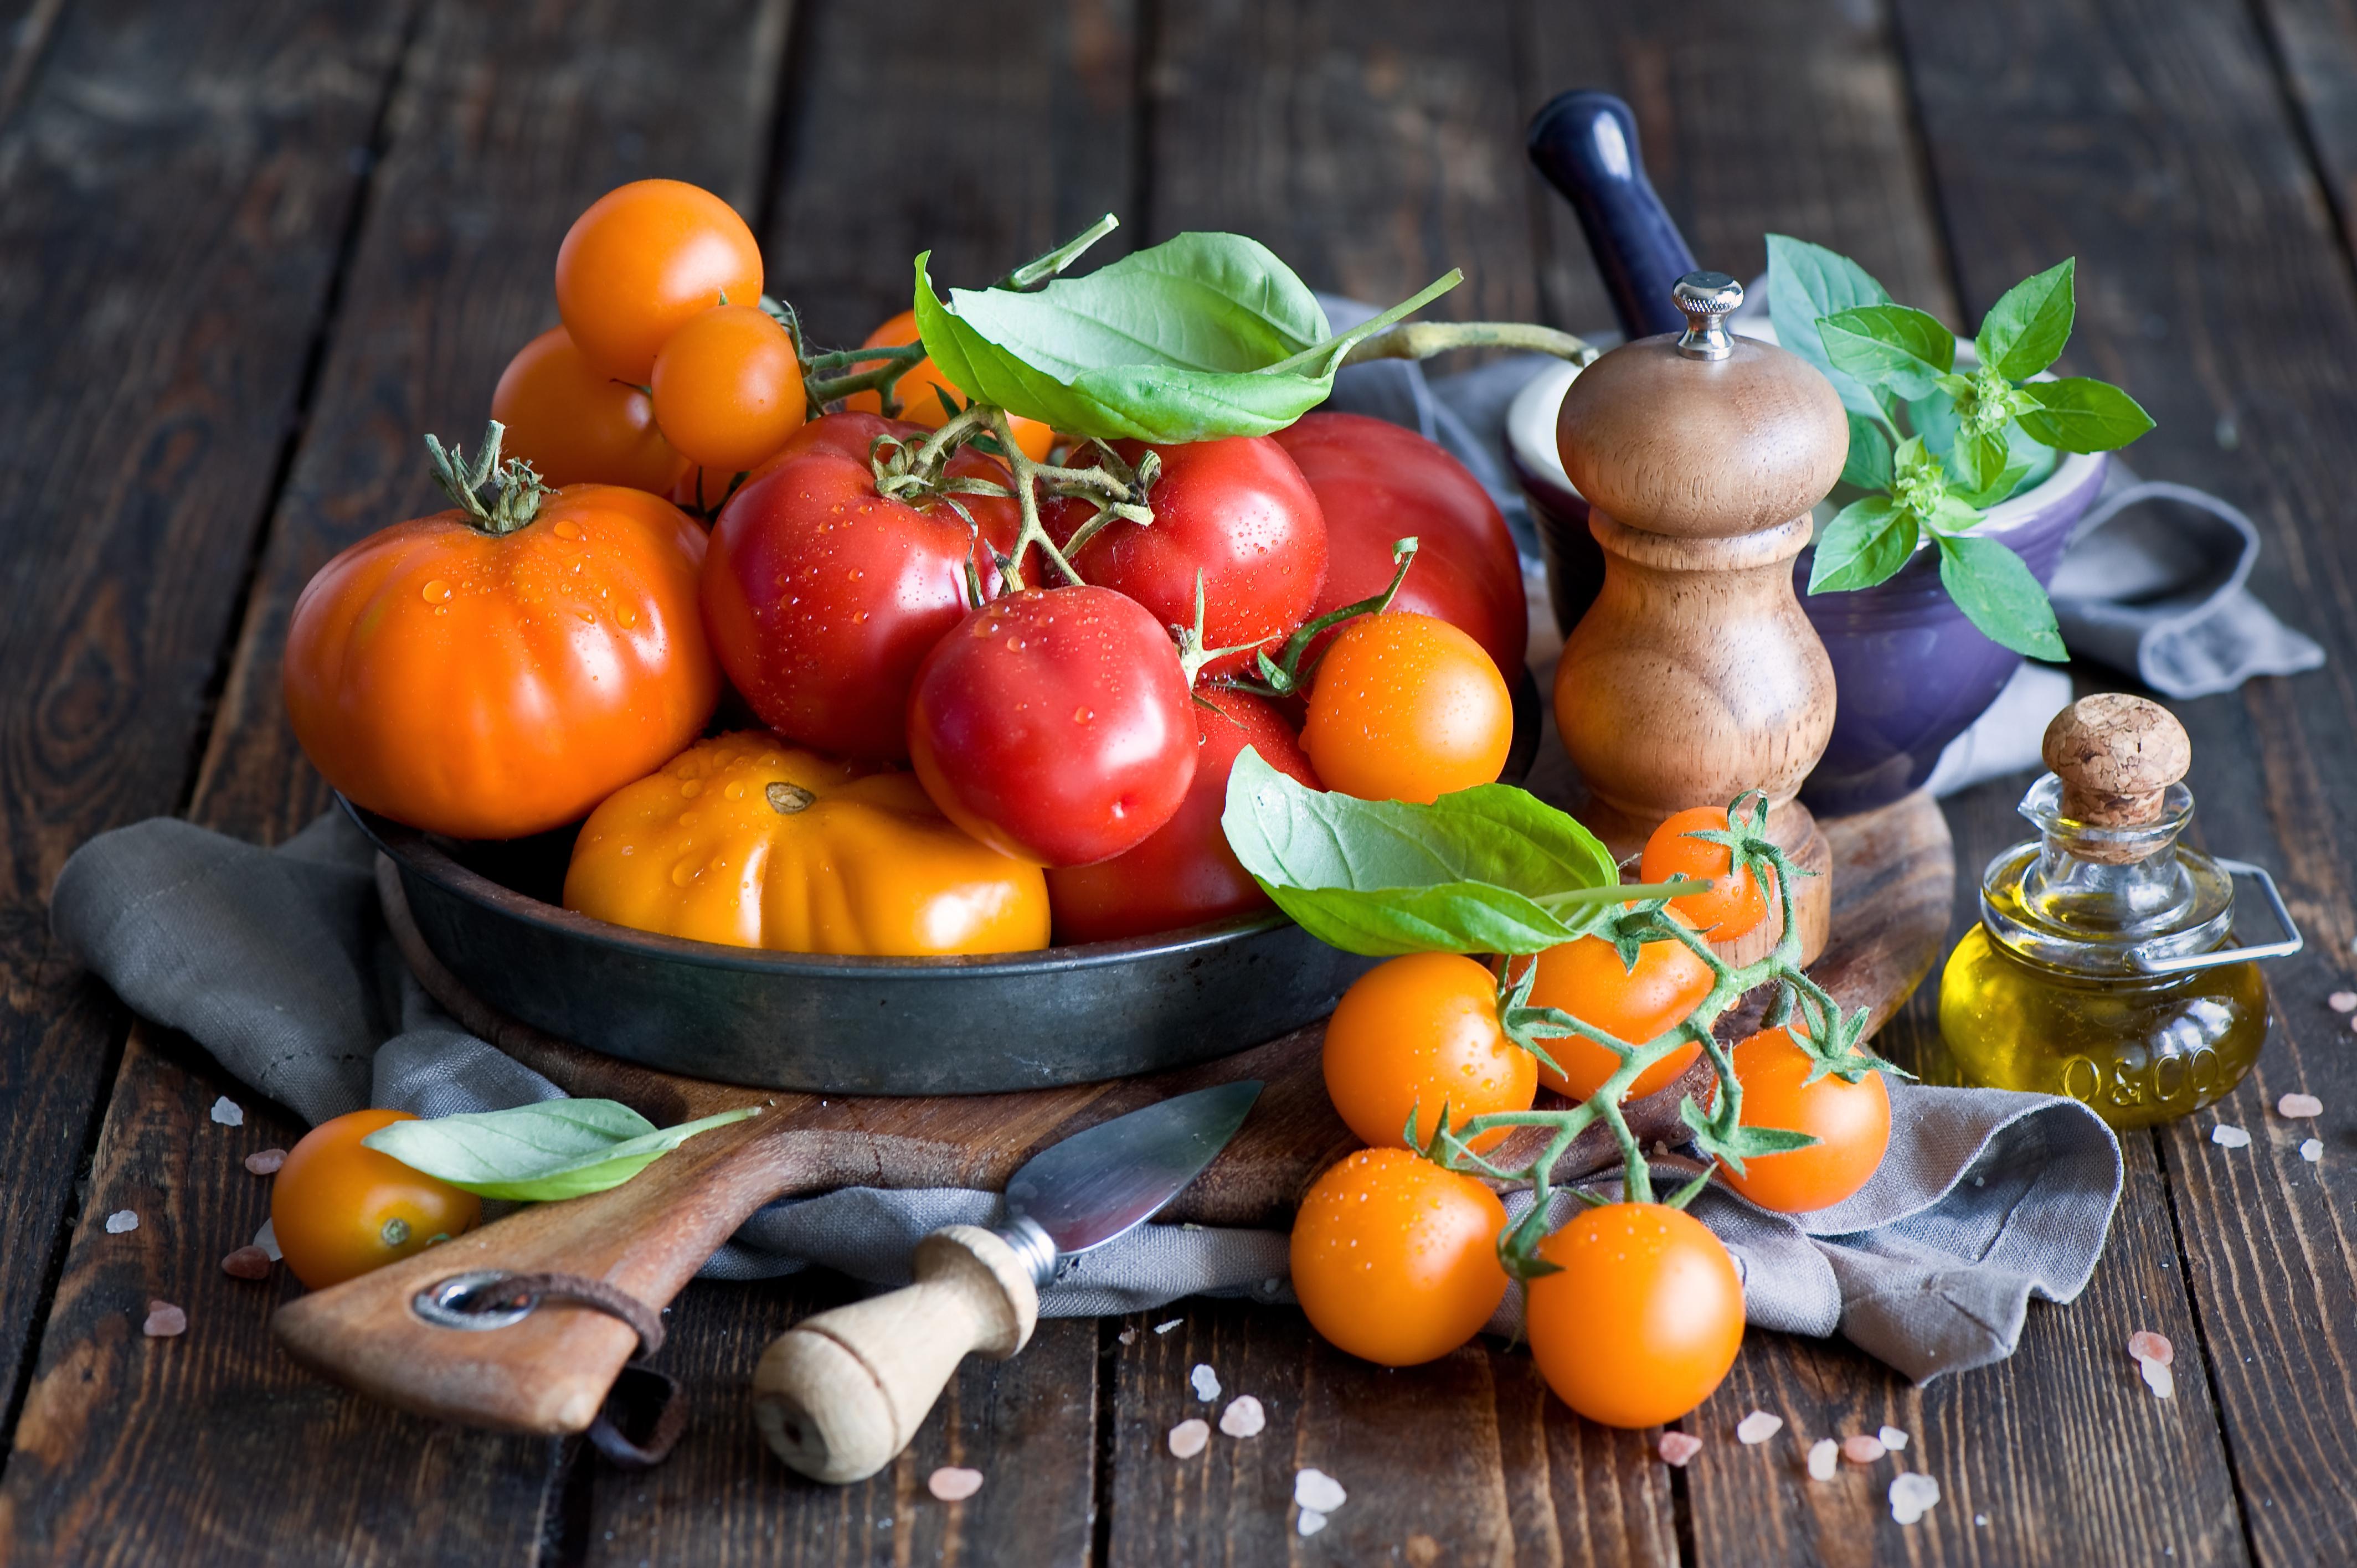 борщ помидоры перец зелень  № 2926334 бесплатно